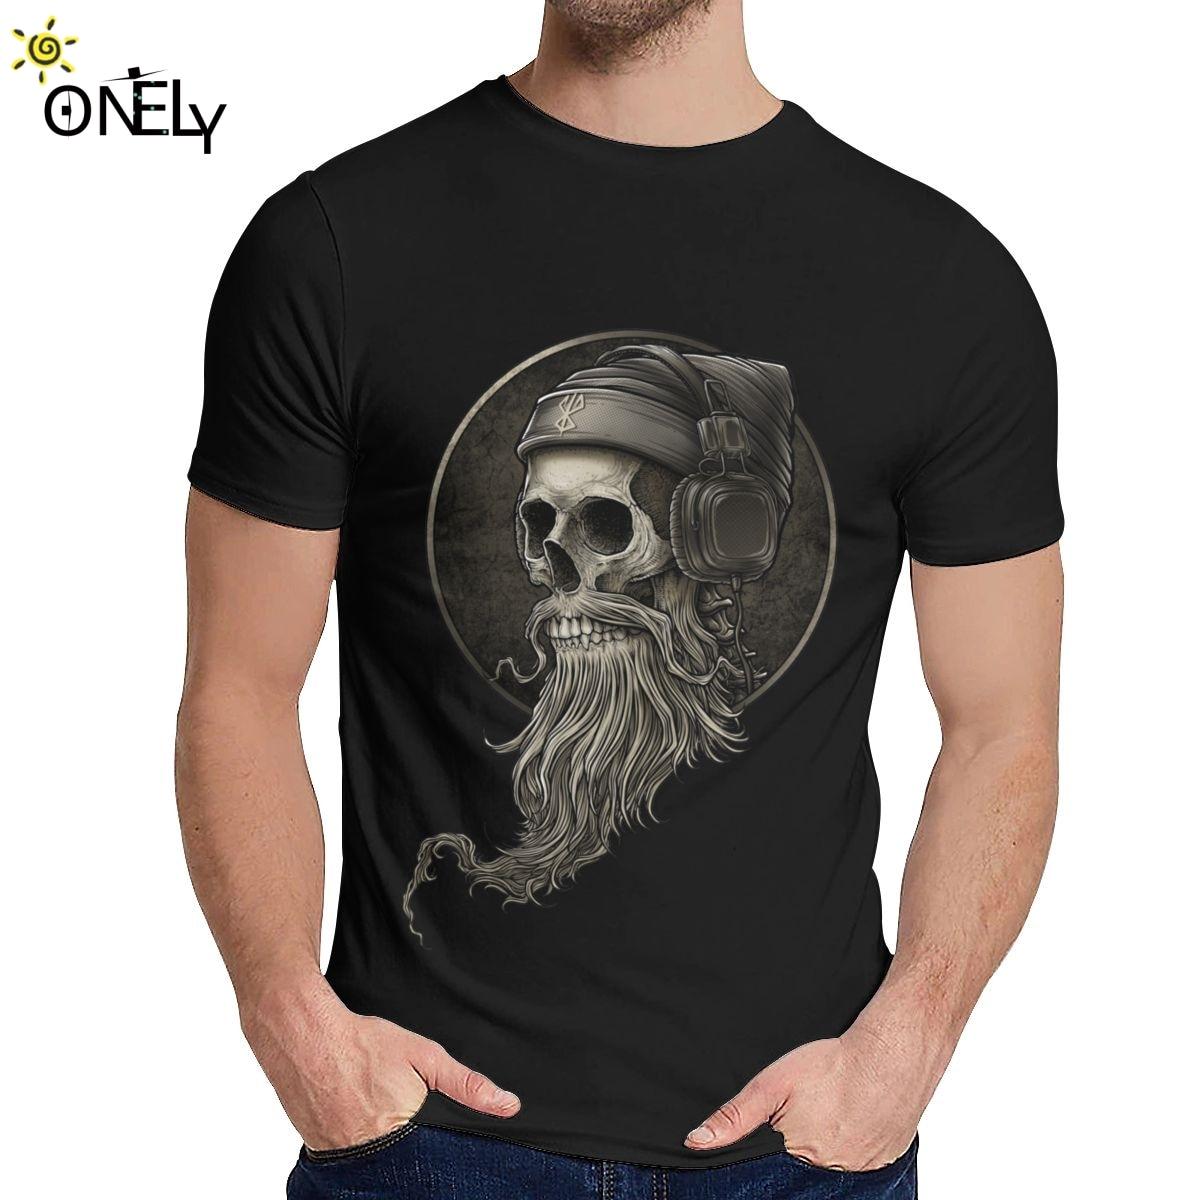 Loisirs T-shirt Homme Winya No 99 Crâne Barbe Qualité Coton Mode Col Rond Impression De Bande Dessinée de La Camiseta